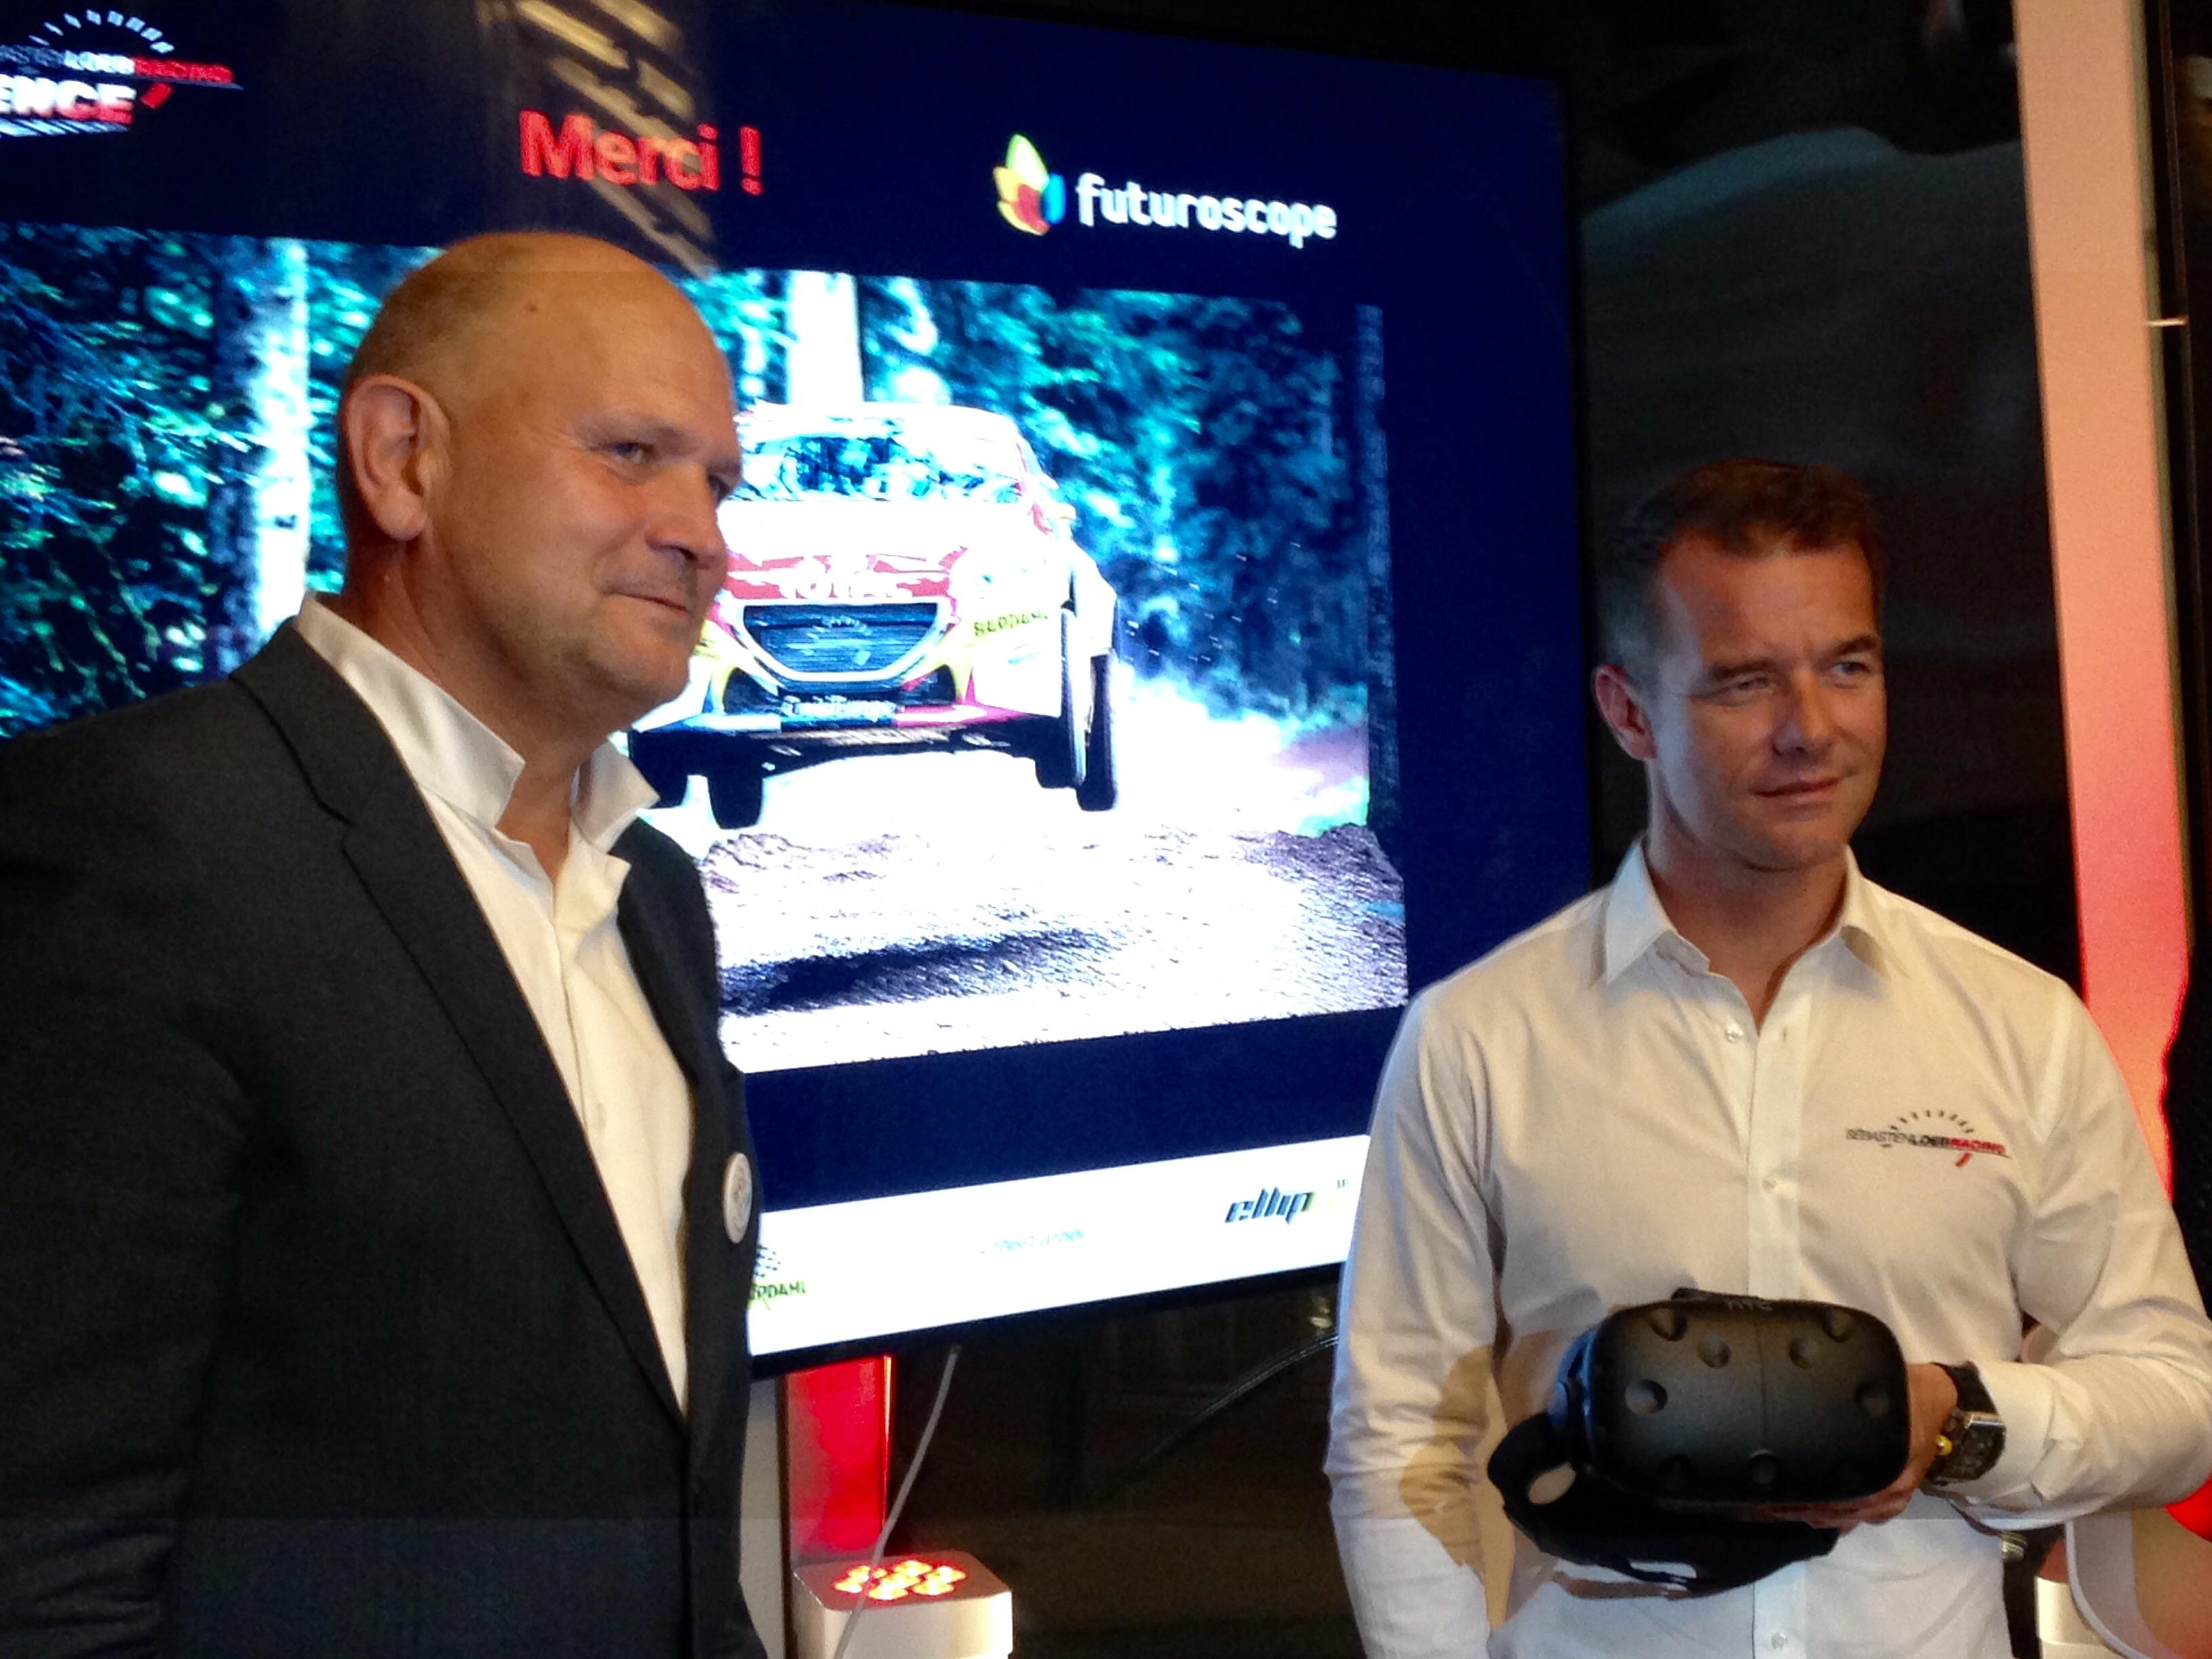 Dominique Hummel et Sébastien Loeb ont présenté l'attraction, mardi soir.